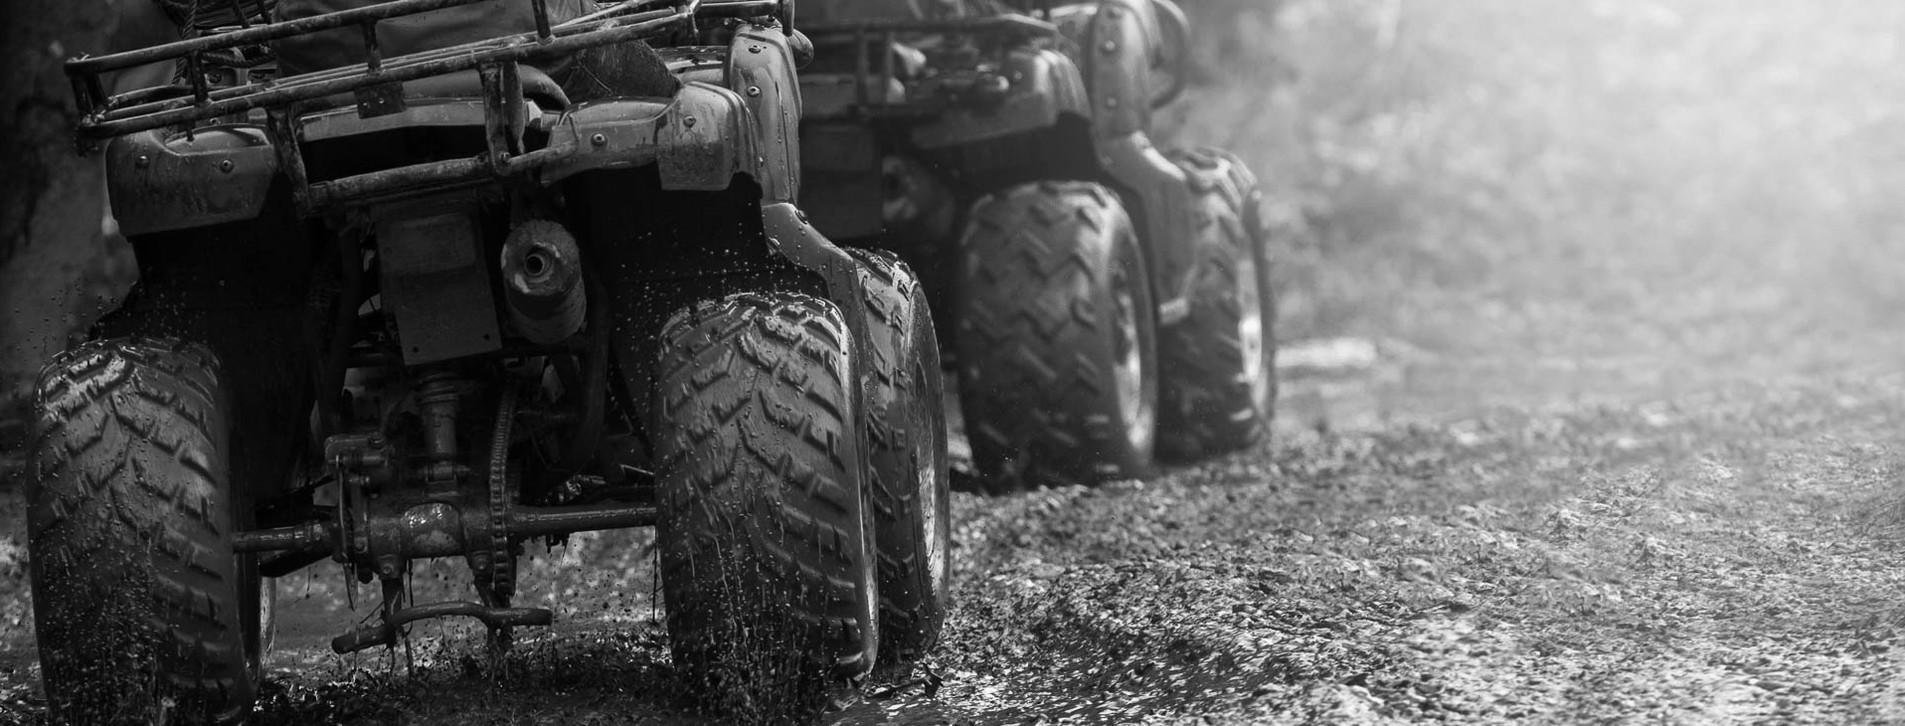 Фото - Екстрим на квадроциклах для двох